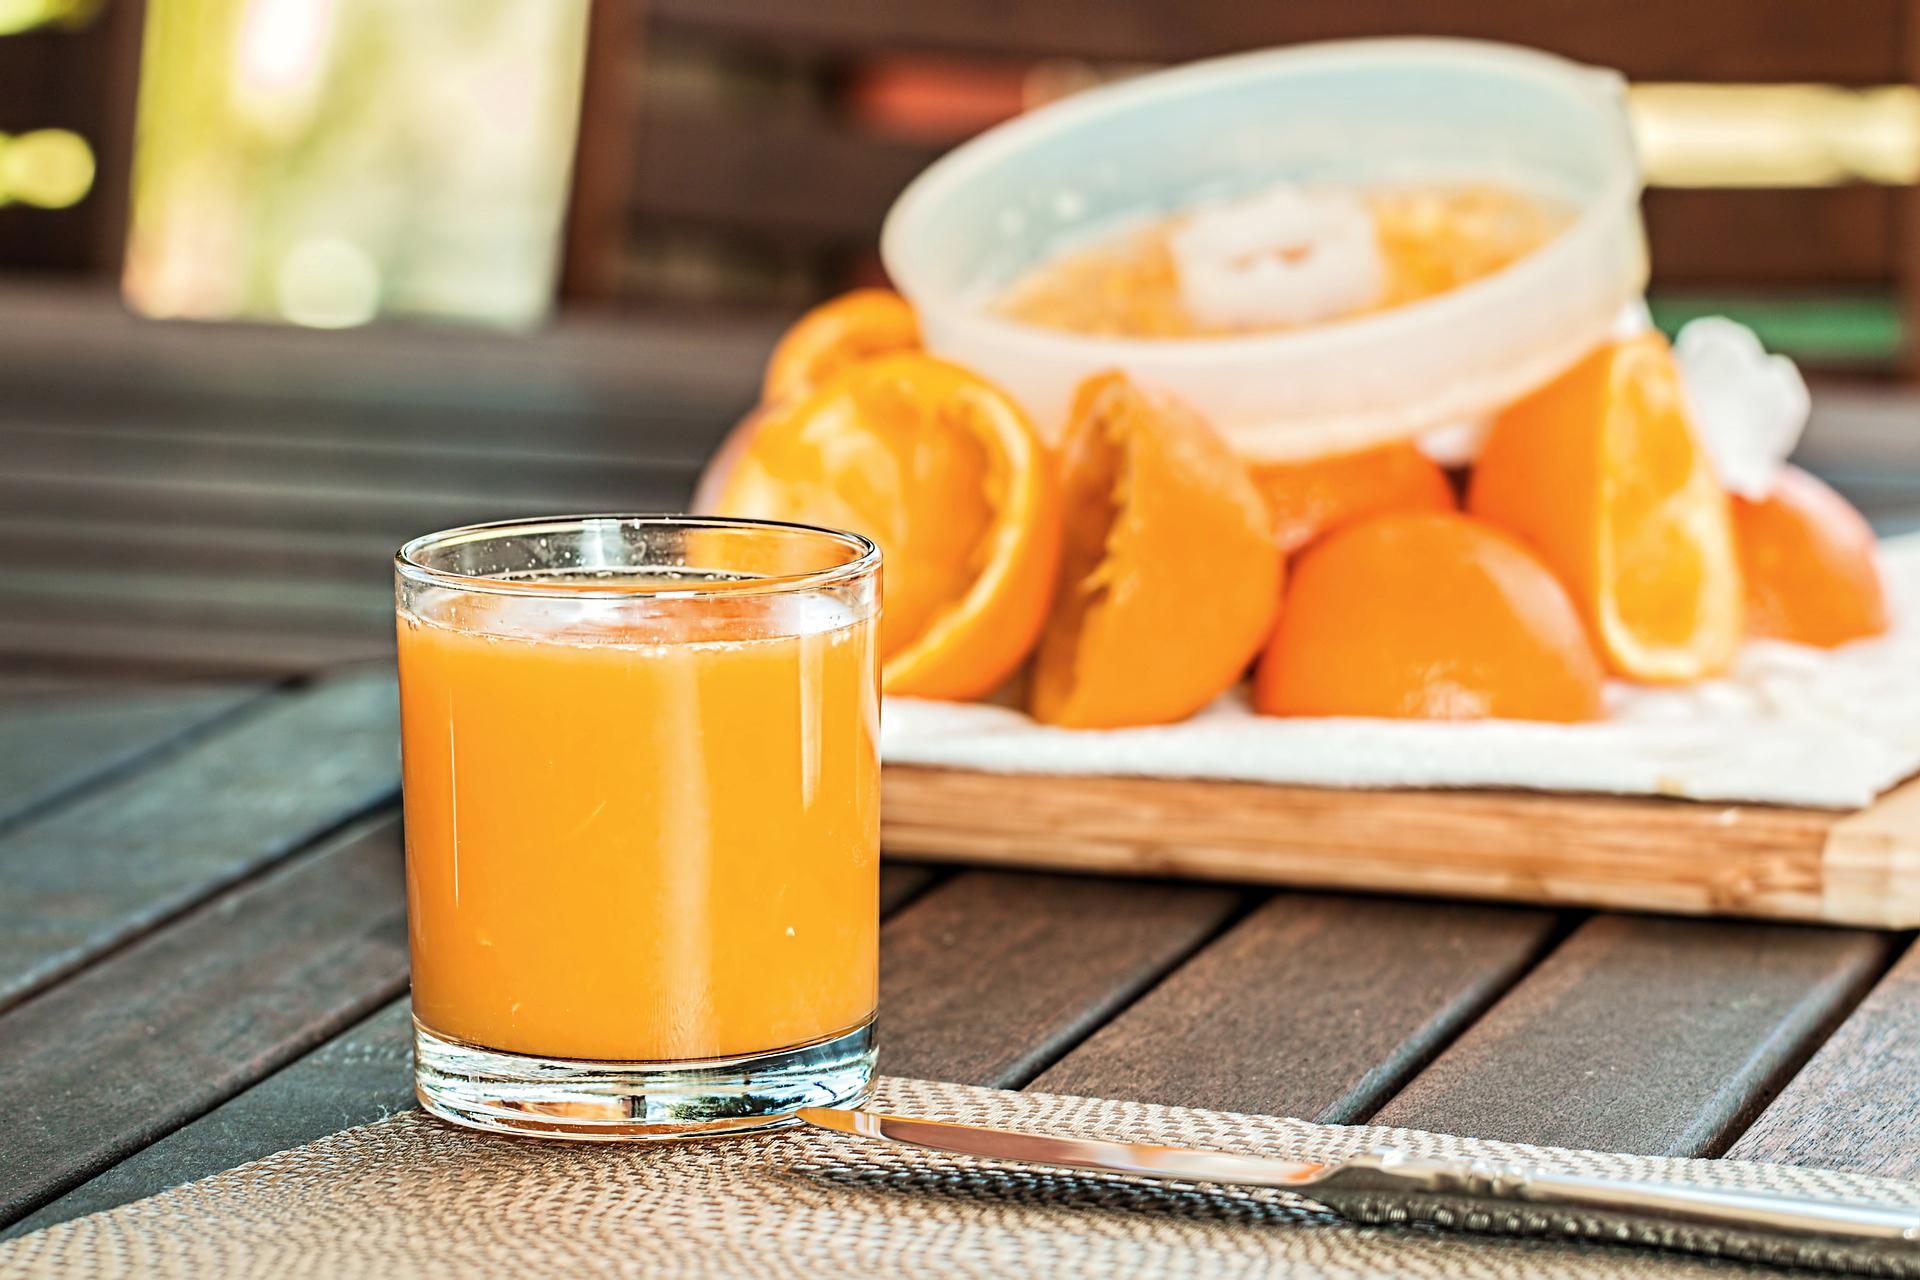 Découvrez le goût unique d'un jus de fruits